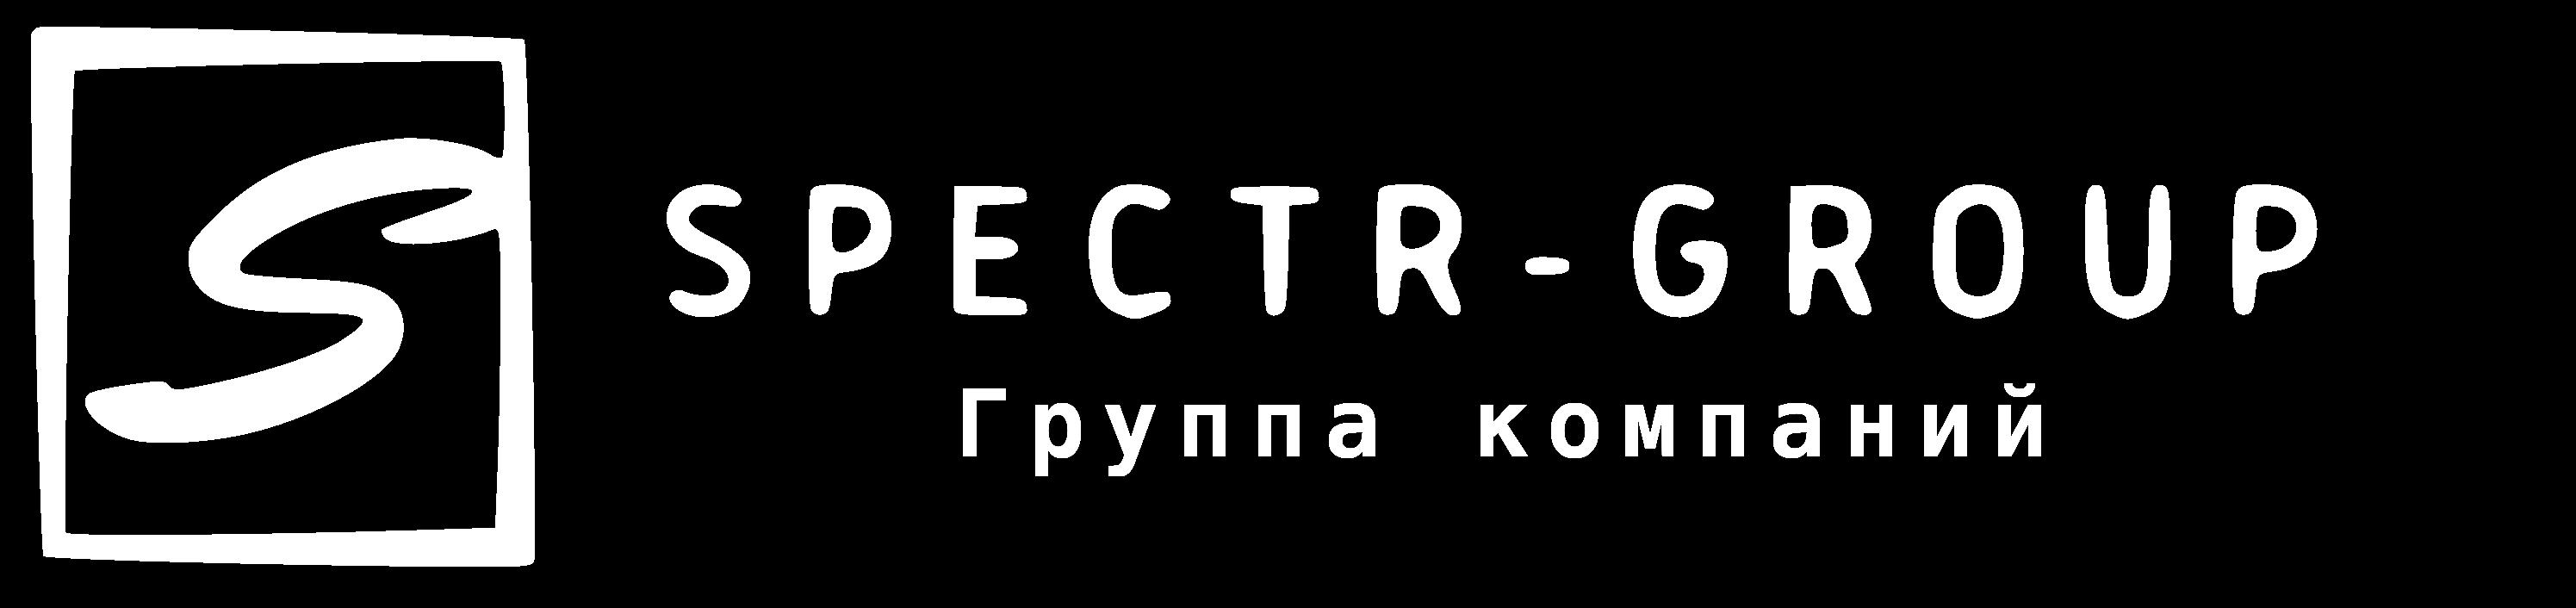 logopr2